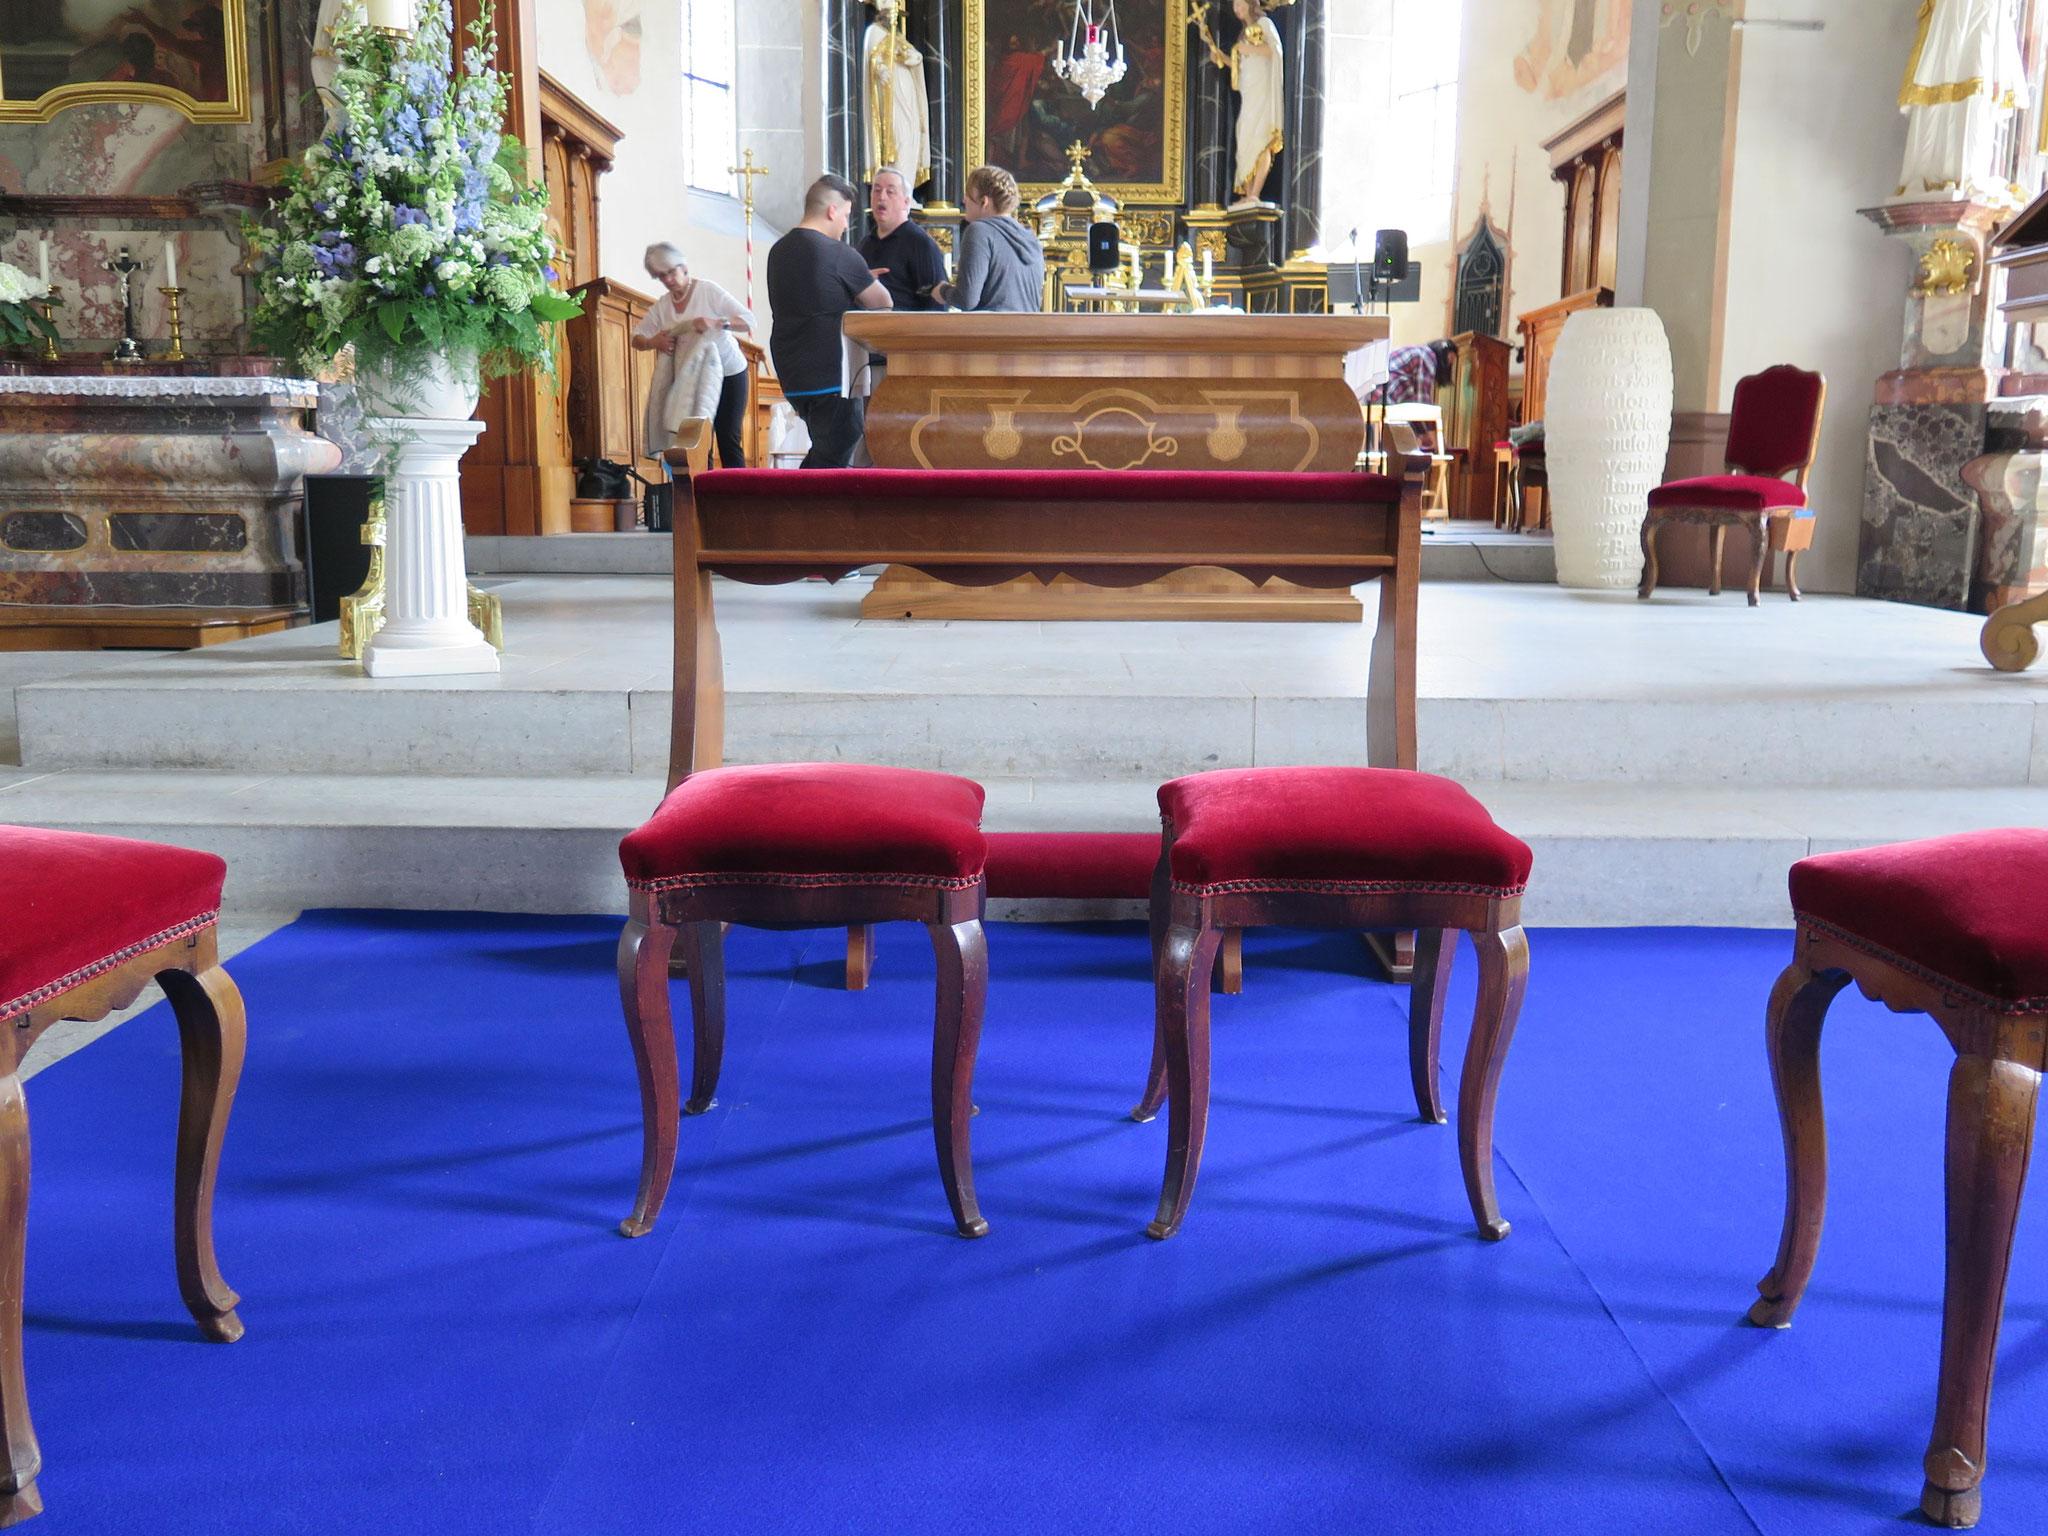 Diese Stühle stehen in wenigen Augenblicken im Zentrum des Interesses.